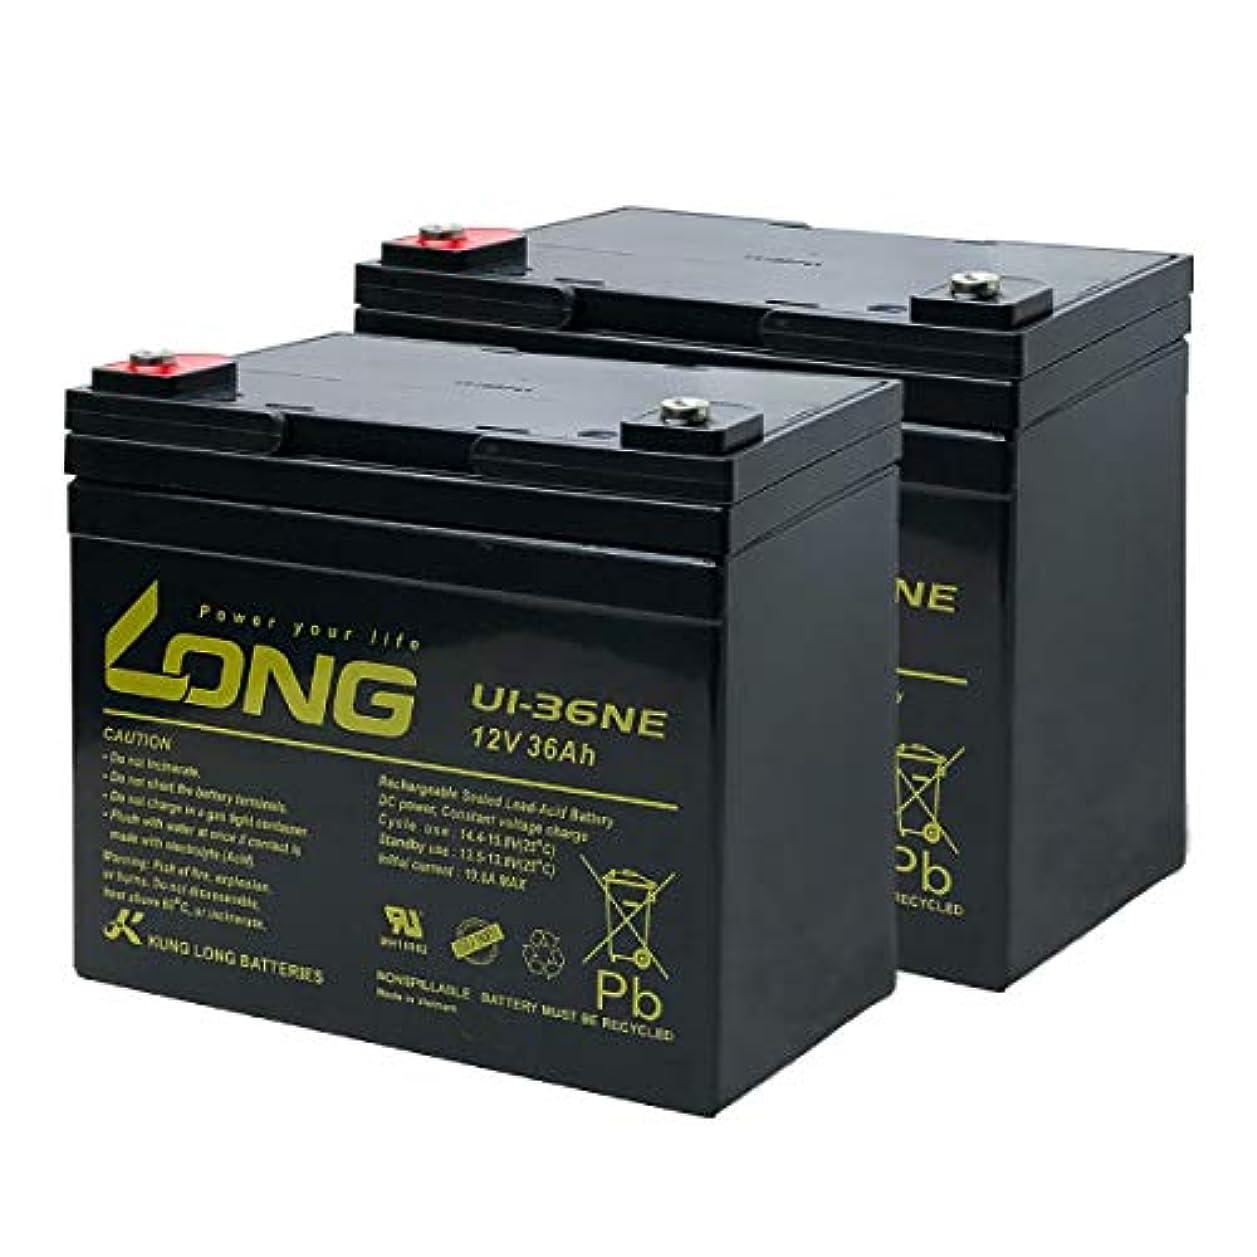 ペース最終的に税金LONG / U1-36NE【お得!2個セット】(産業用鉛蓄電池) SEB35互換 電動セニアカー 溶接機 ソーラー発電システム 対応 サイクルバッテリー シールド型 MF